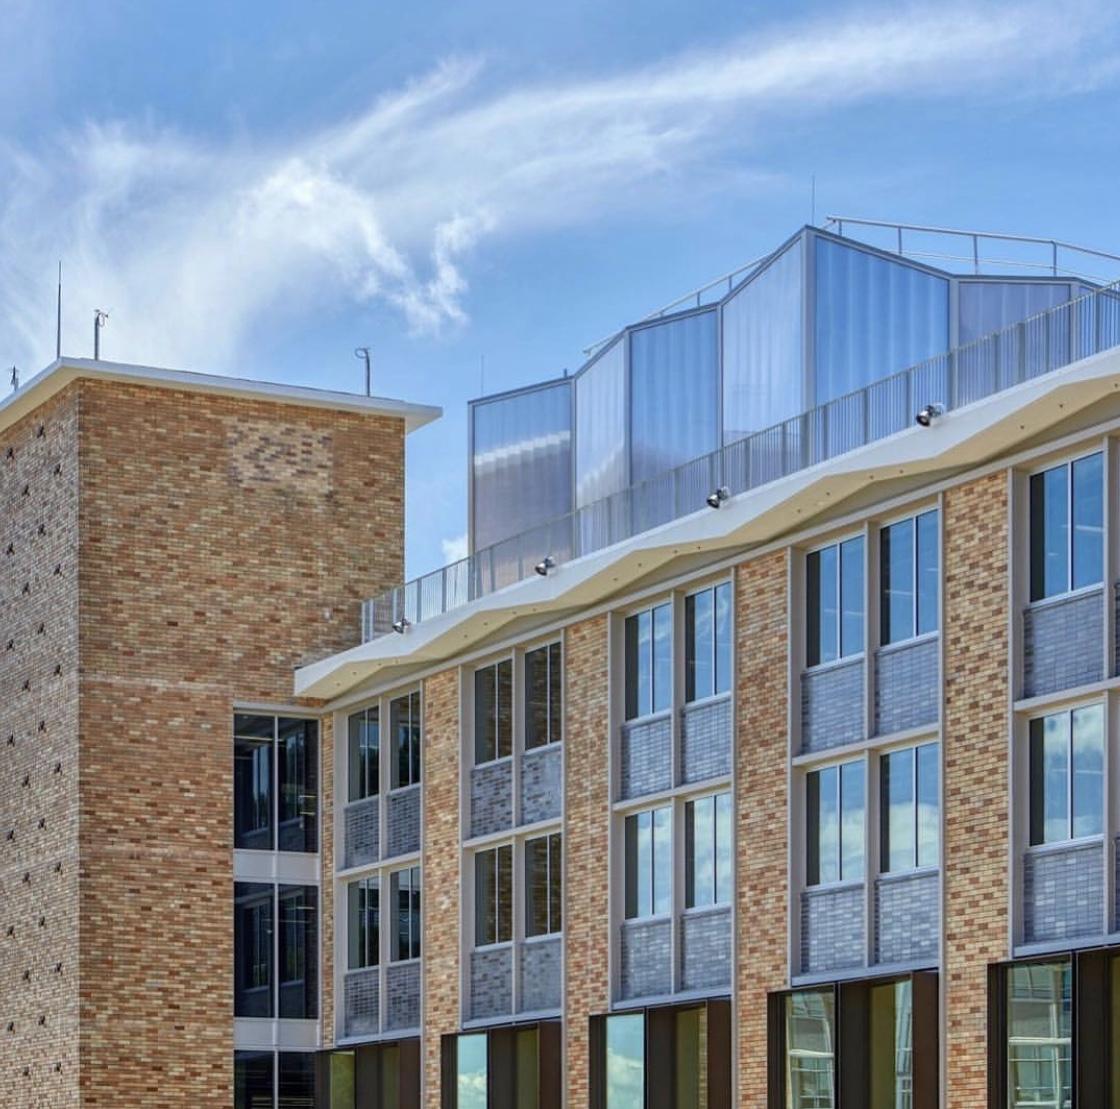 جامعة جنوب ويلز الجديدة – UNSW